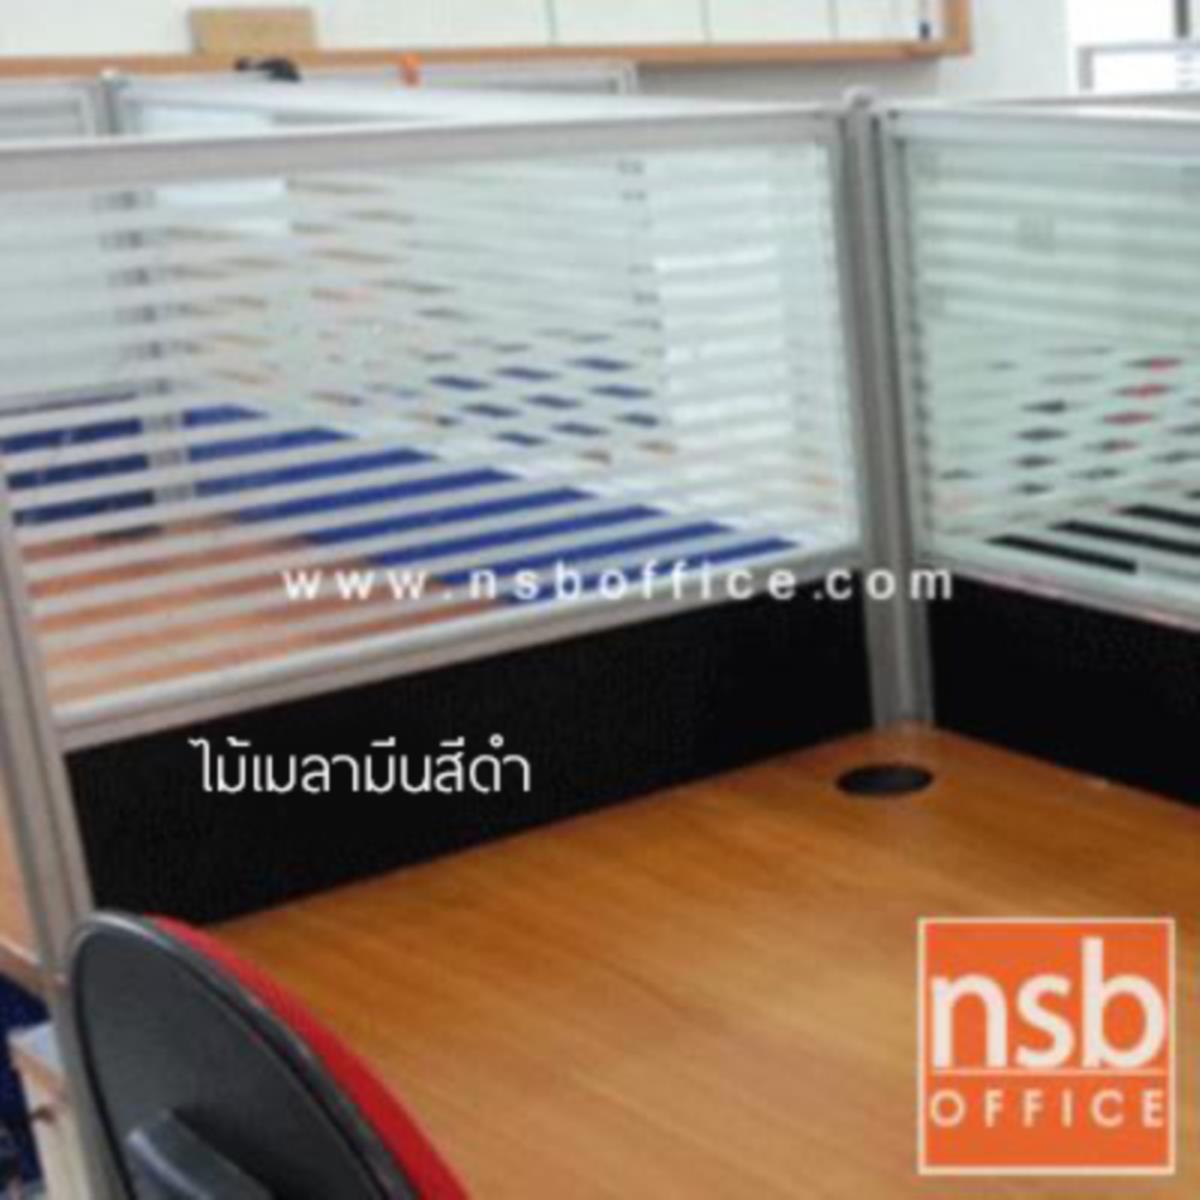 ชุดโต๊ะทำงานกลุ่ม 3 ที่นั่ง   ขนาดรวม 360W*62D cm. พร้อมพาร์ทิชั่นครึ่งกระจกขัดลาย